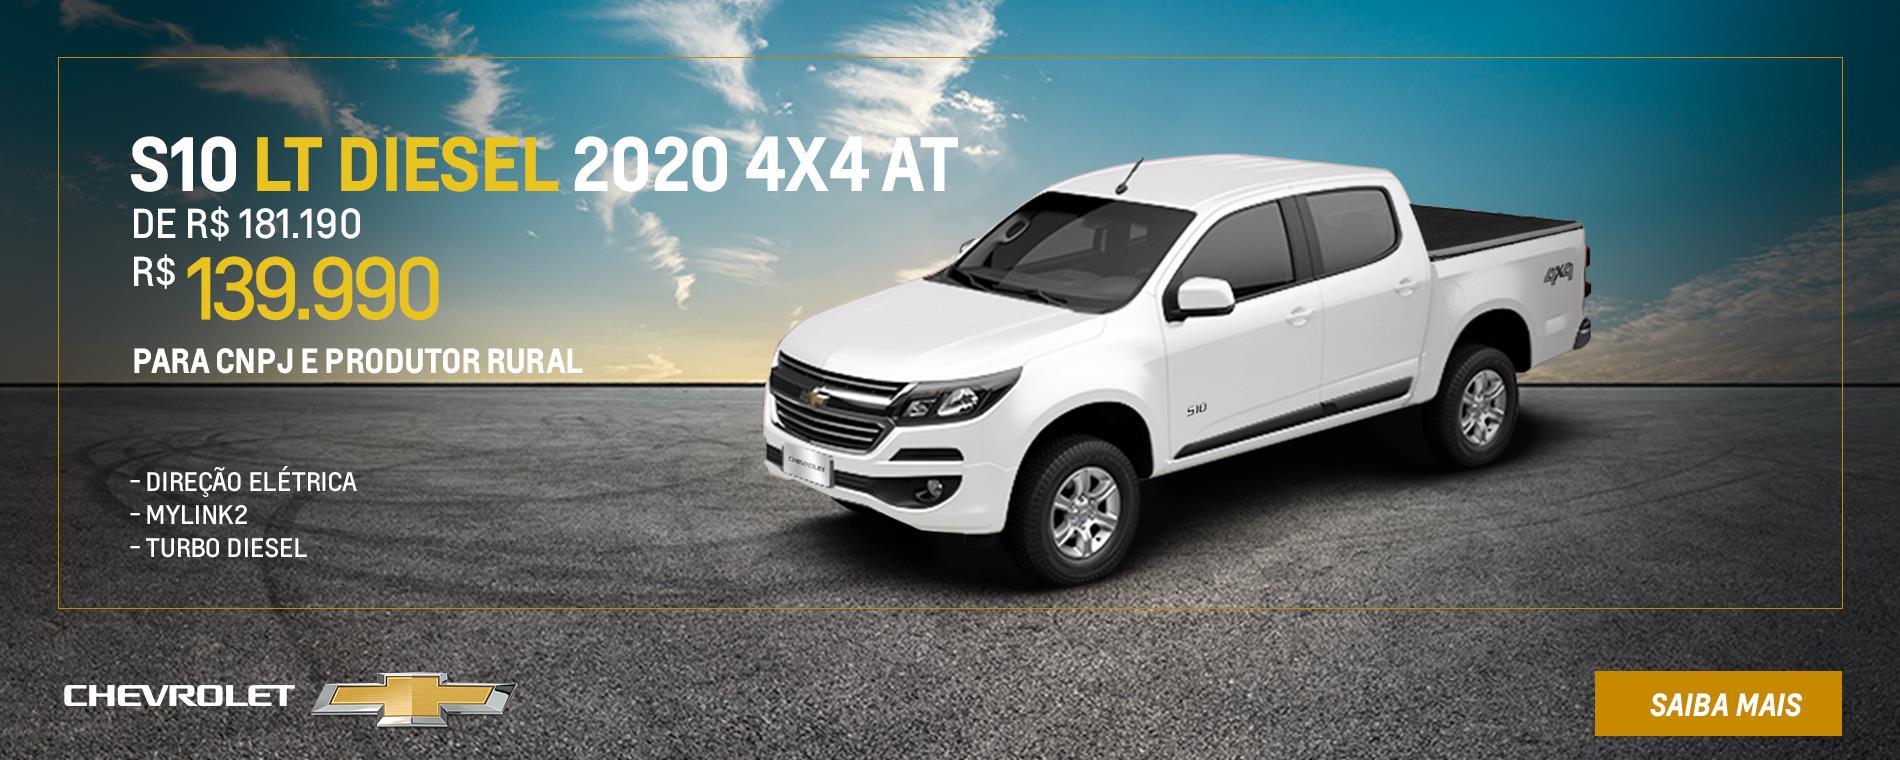 228_Contorno_S10-LT-Diesel-2020-4X4-AT_DestaqueDesk